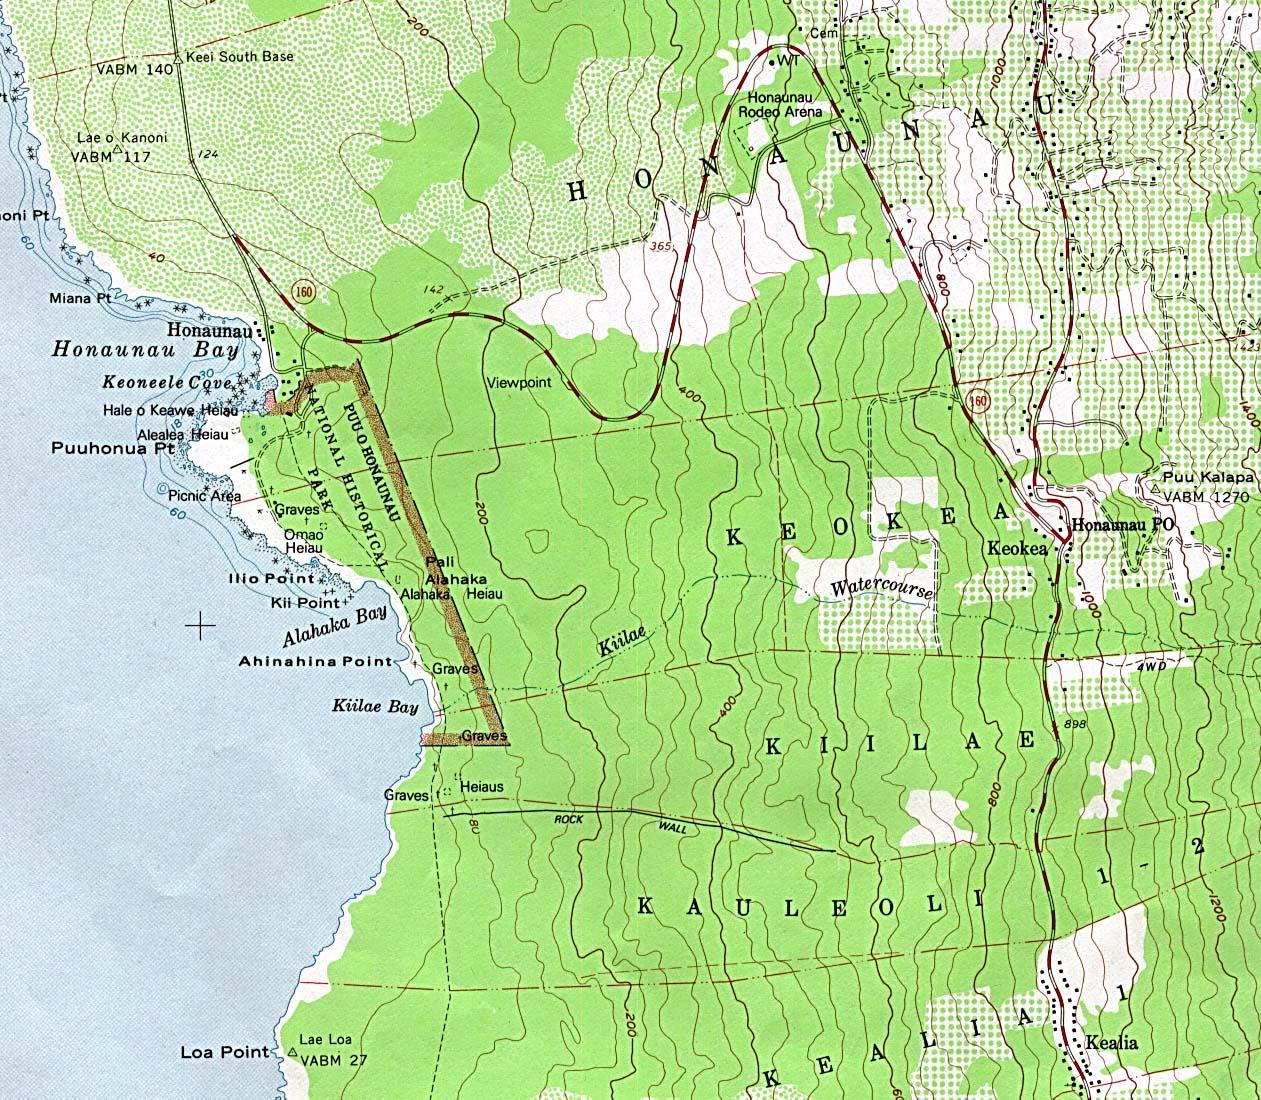 Mapa Topográfico del Parque Nacional Histórico Pu'uhonua Honaunau, Hawái, Estados Unidos